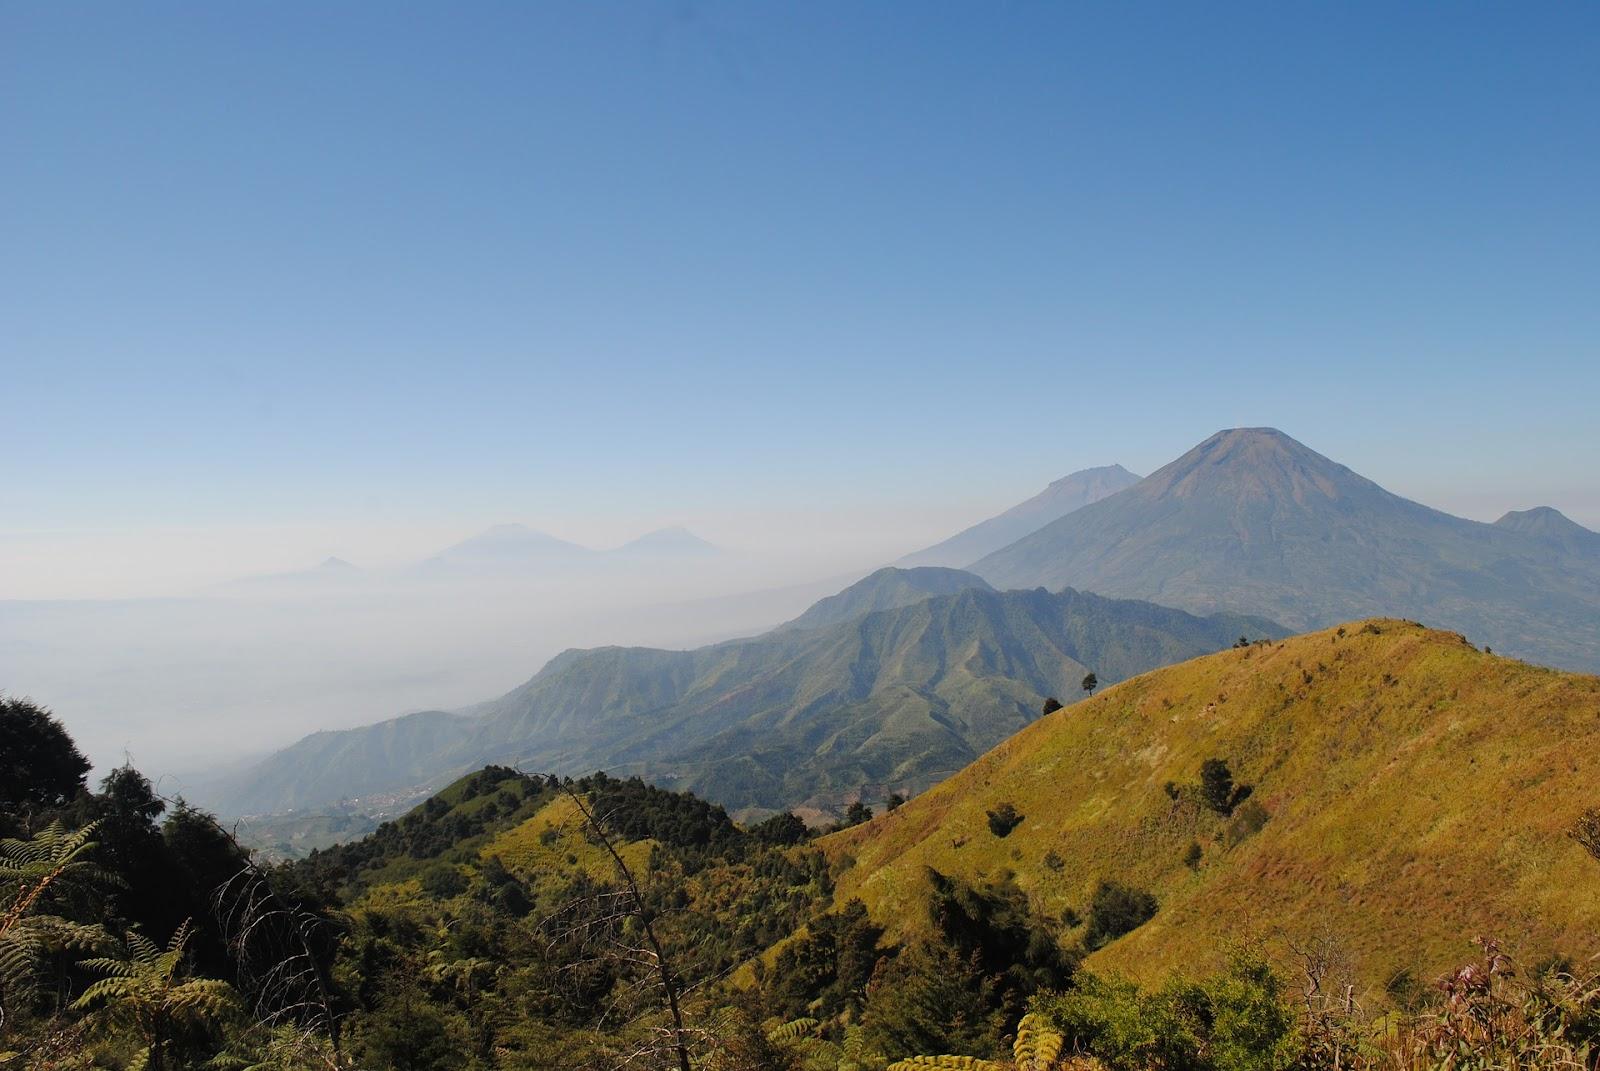 Lembah gunung sindoro